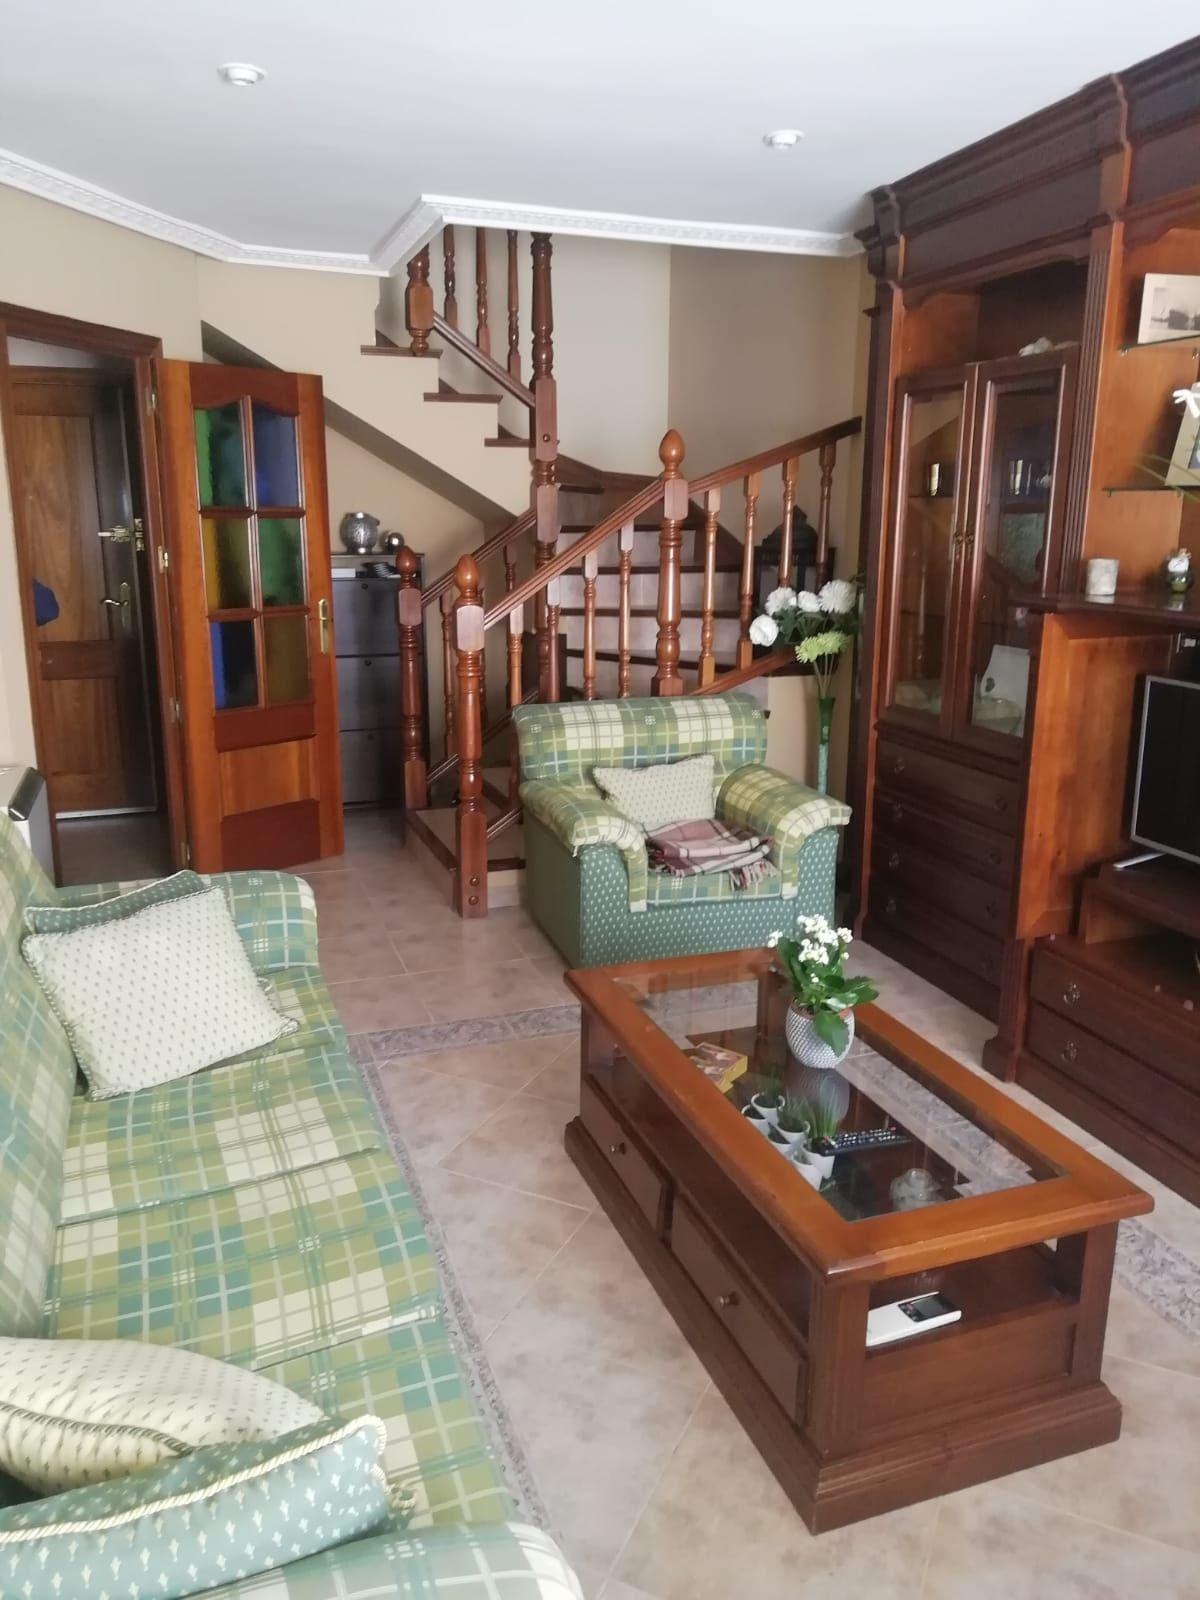 Piso en venta en Bockum, Talavera de la Reina, Toledo, Calle Santa Sabina, 78.000 €, 3 habitaciones, 2 baños, 103 m2